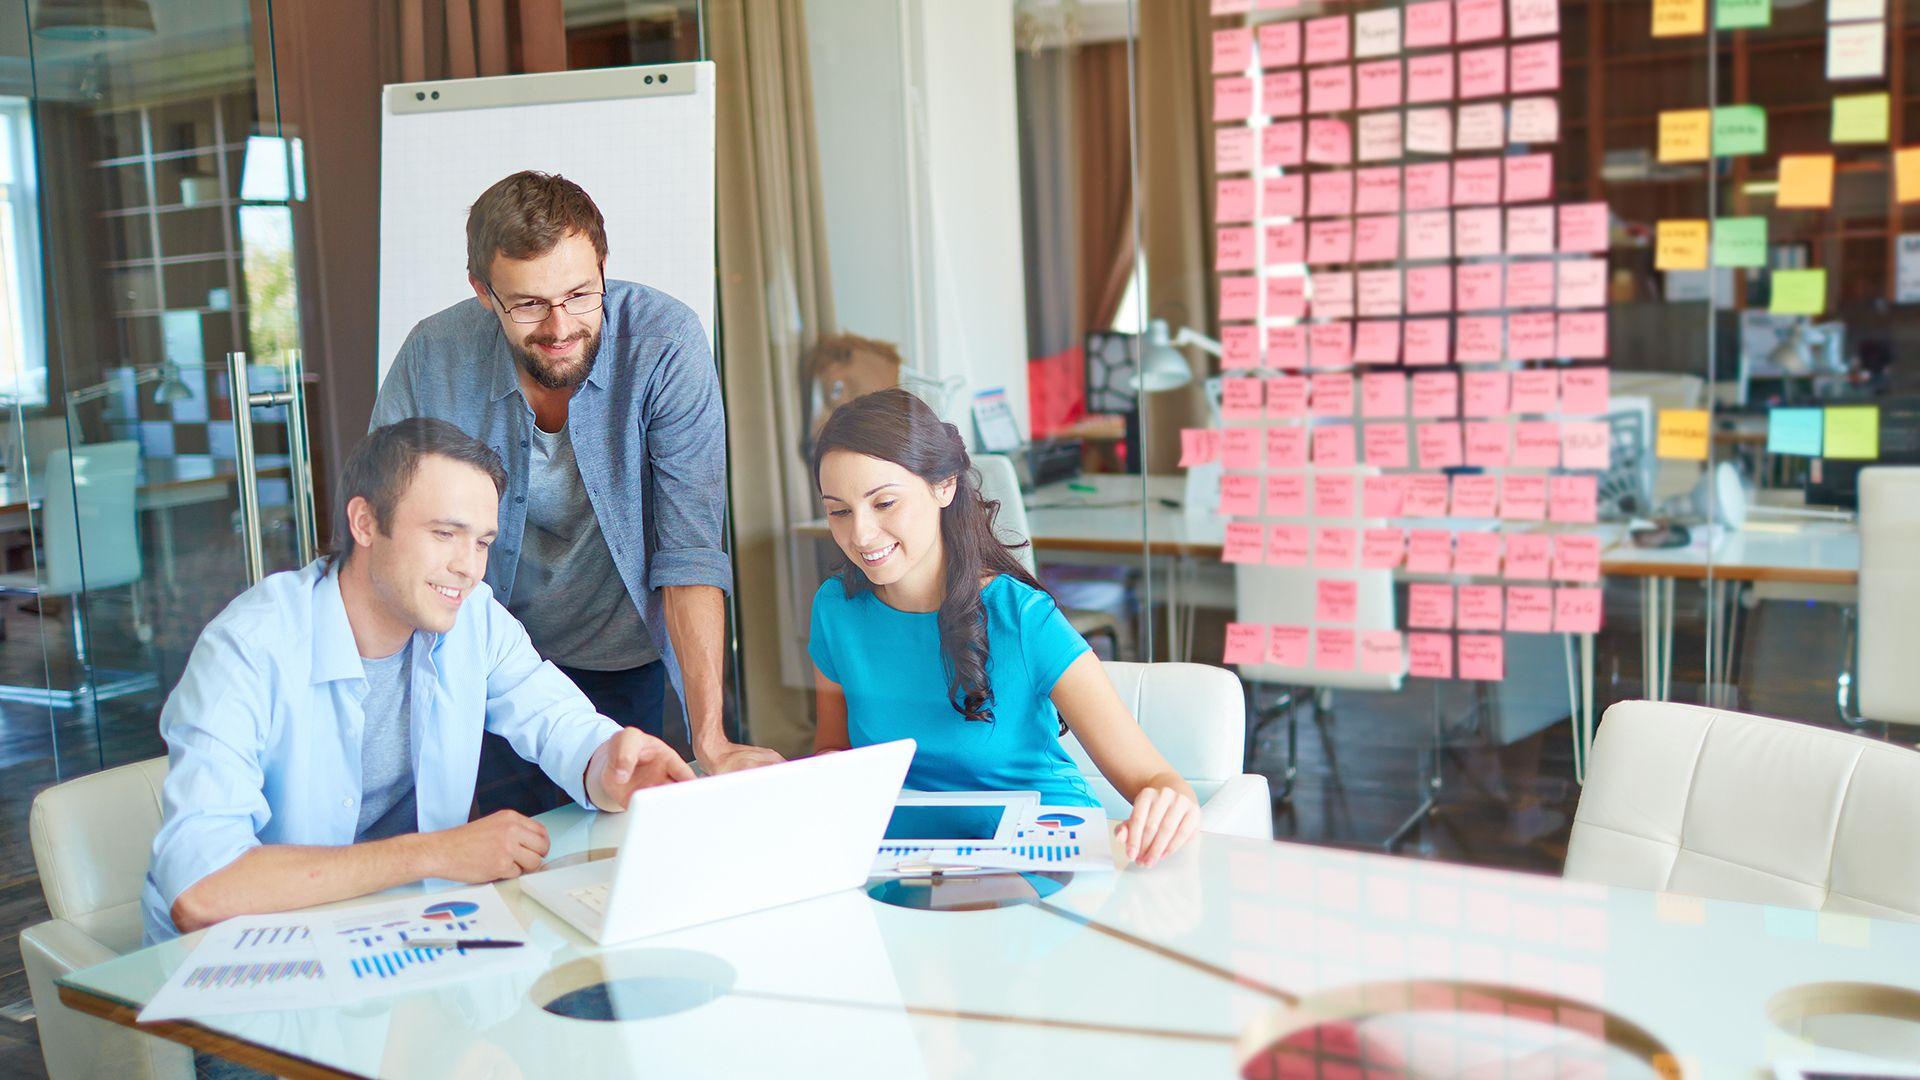 מהחשוב להציג במצגת עסקית בפני משקיעים